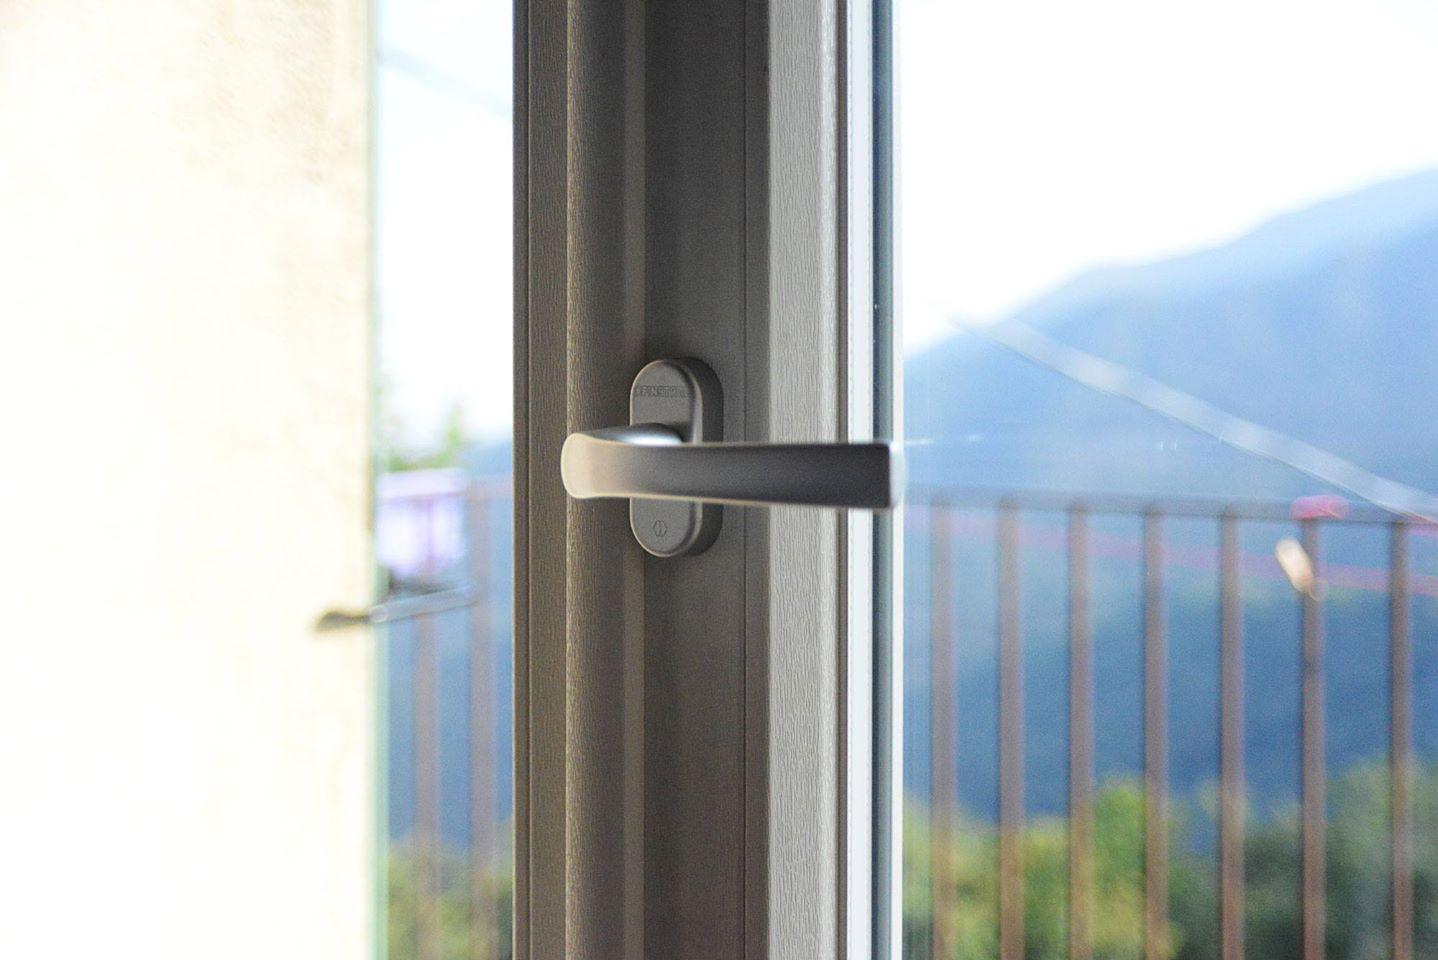 Risparmia grazie all 39 isolamento termico dei serramenti torino - Miglior materiale per finestre ...